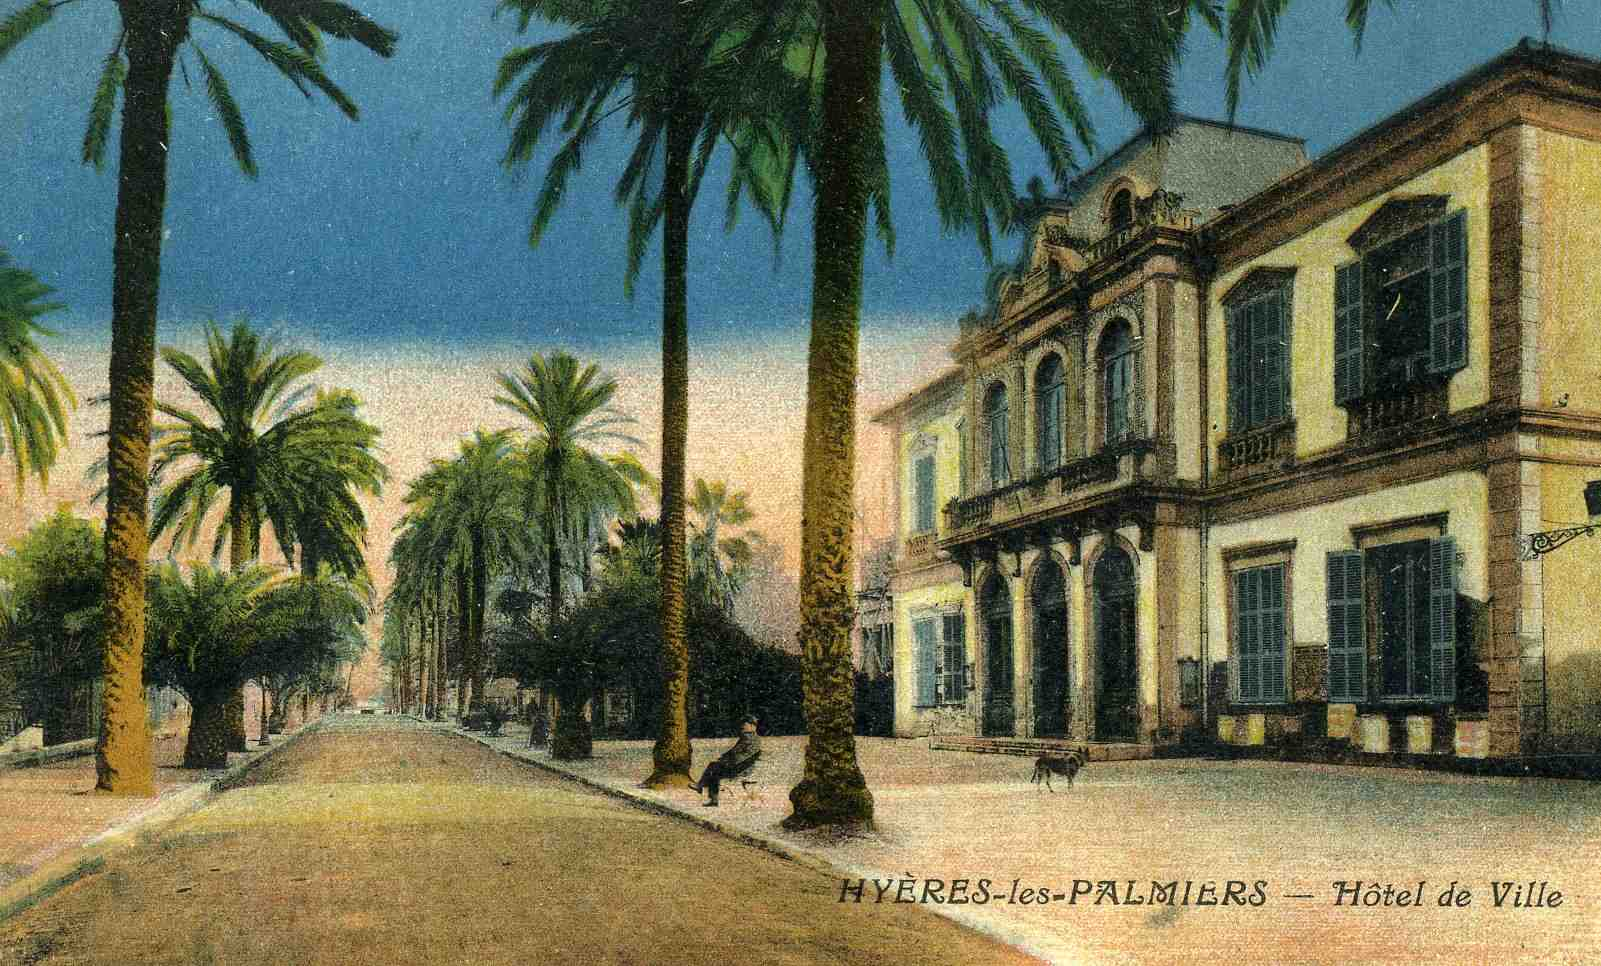 Cartes postales anciennes region paca page 2 - Piscine hyeres les palmiers ...